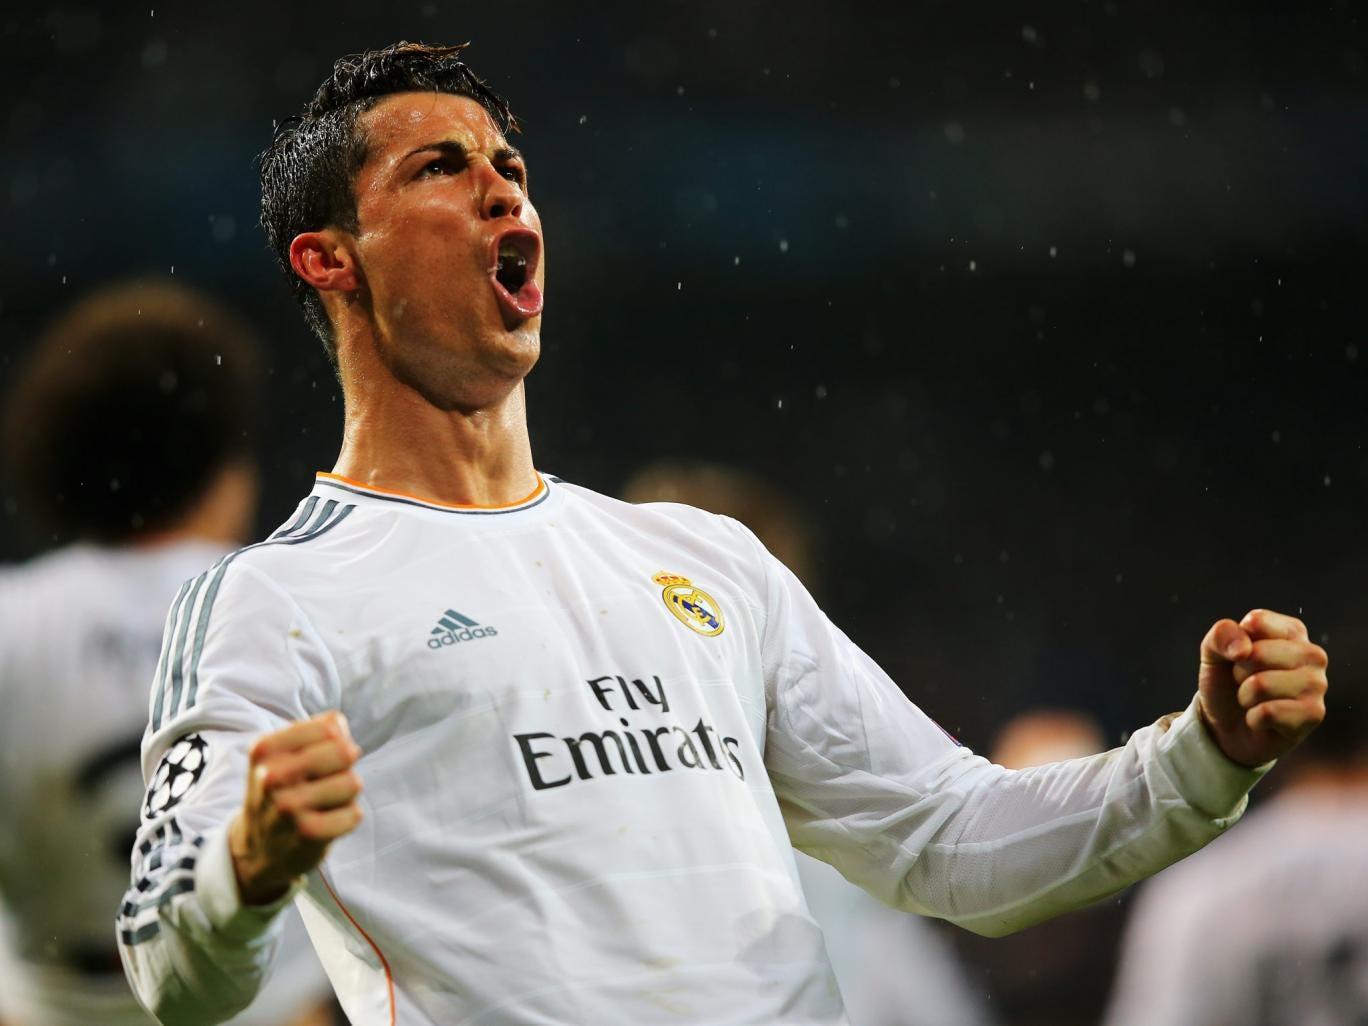 Cristiano Ronaldo celebrates scoring in Real Madrid's 3-0 win over Borussia Dortmund